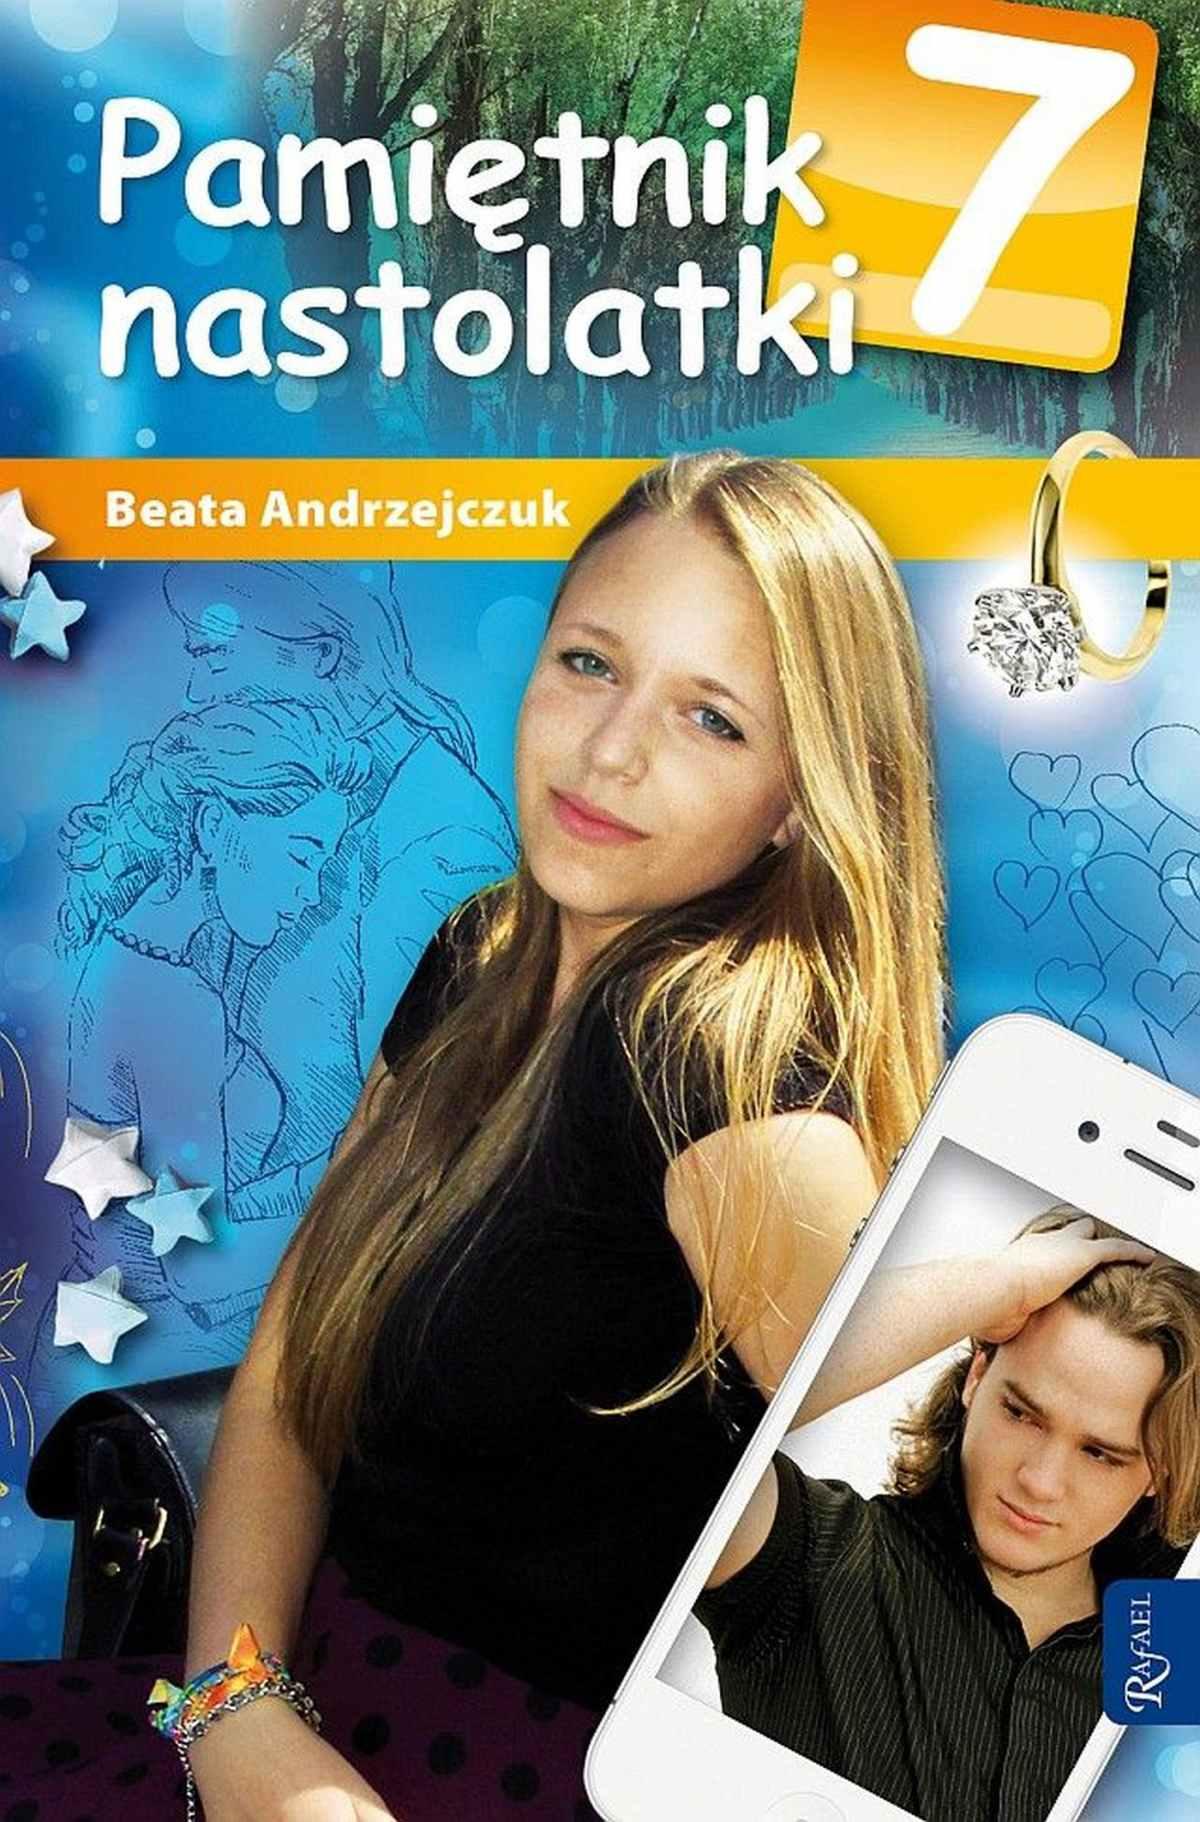 Pamiętnik nastolatki 7 - Ebook (Książka na Kindle) do pobrania w formacie MOBI